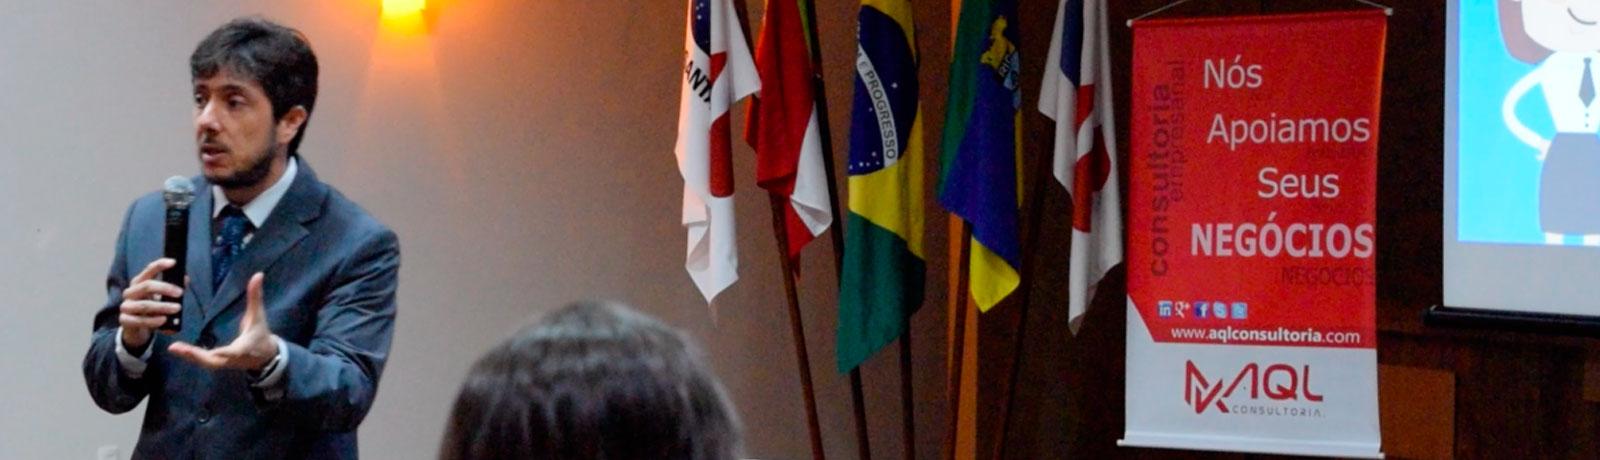 Prof Anderson Oliveira AQL Consultoria